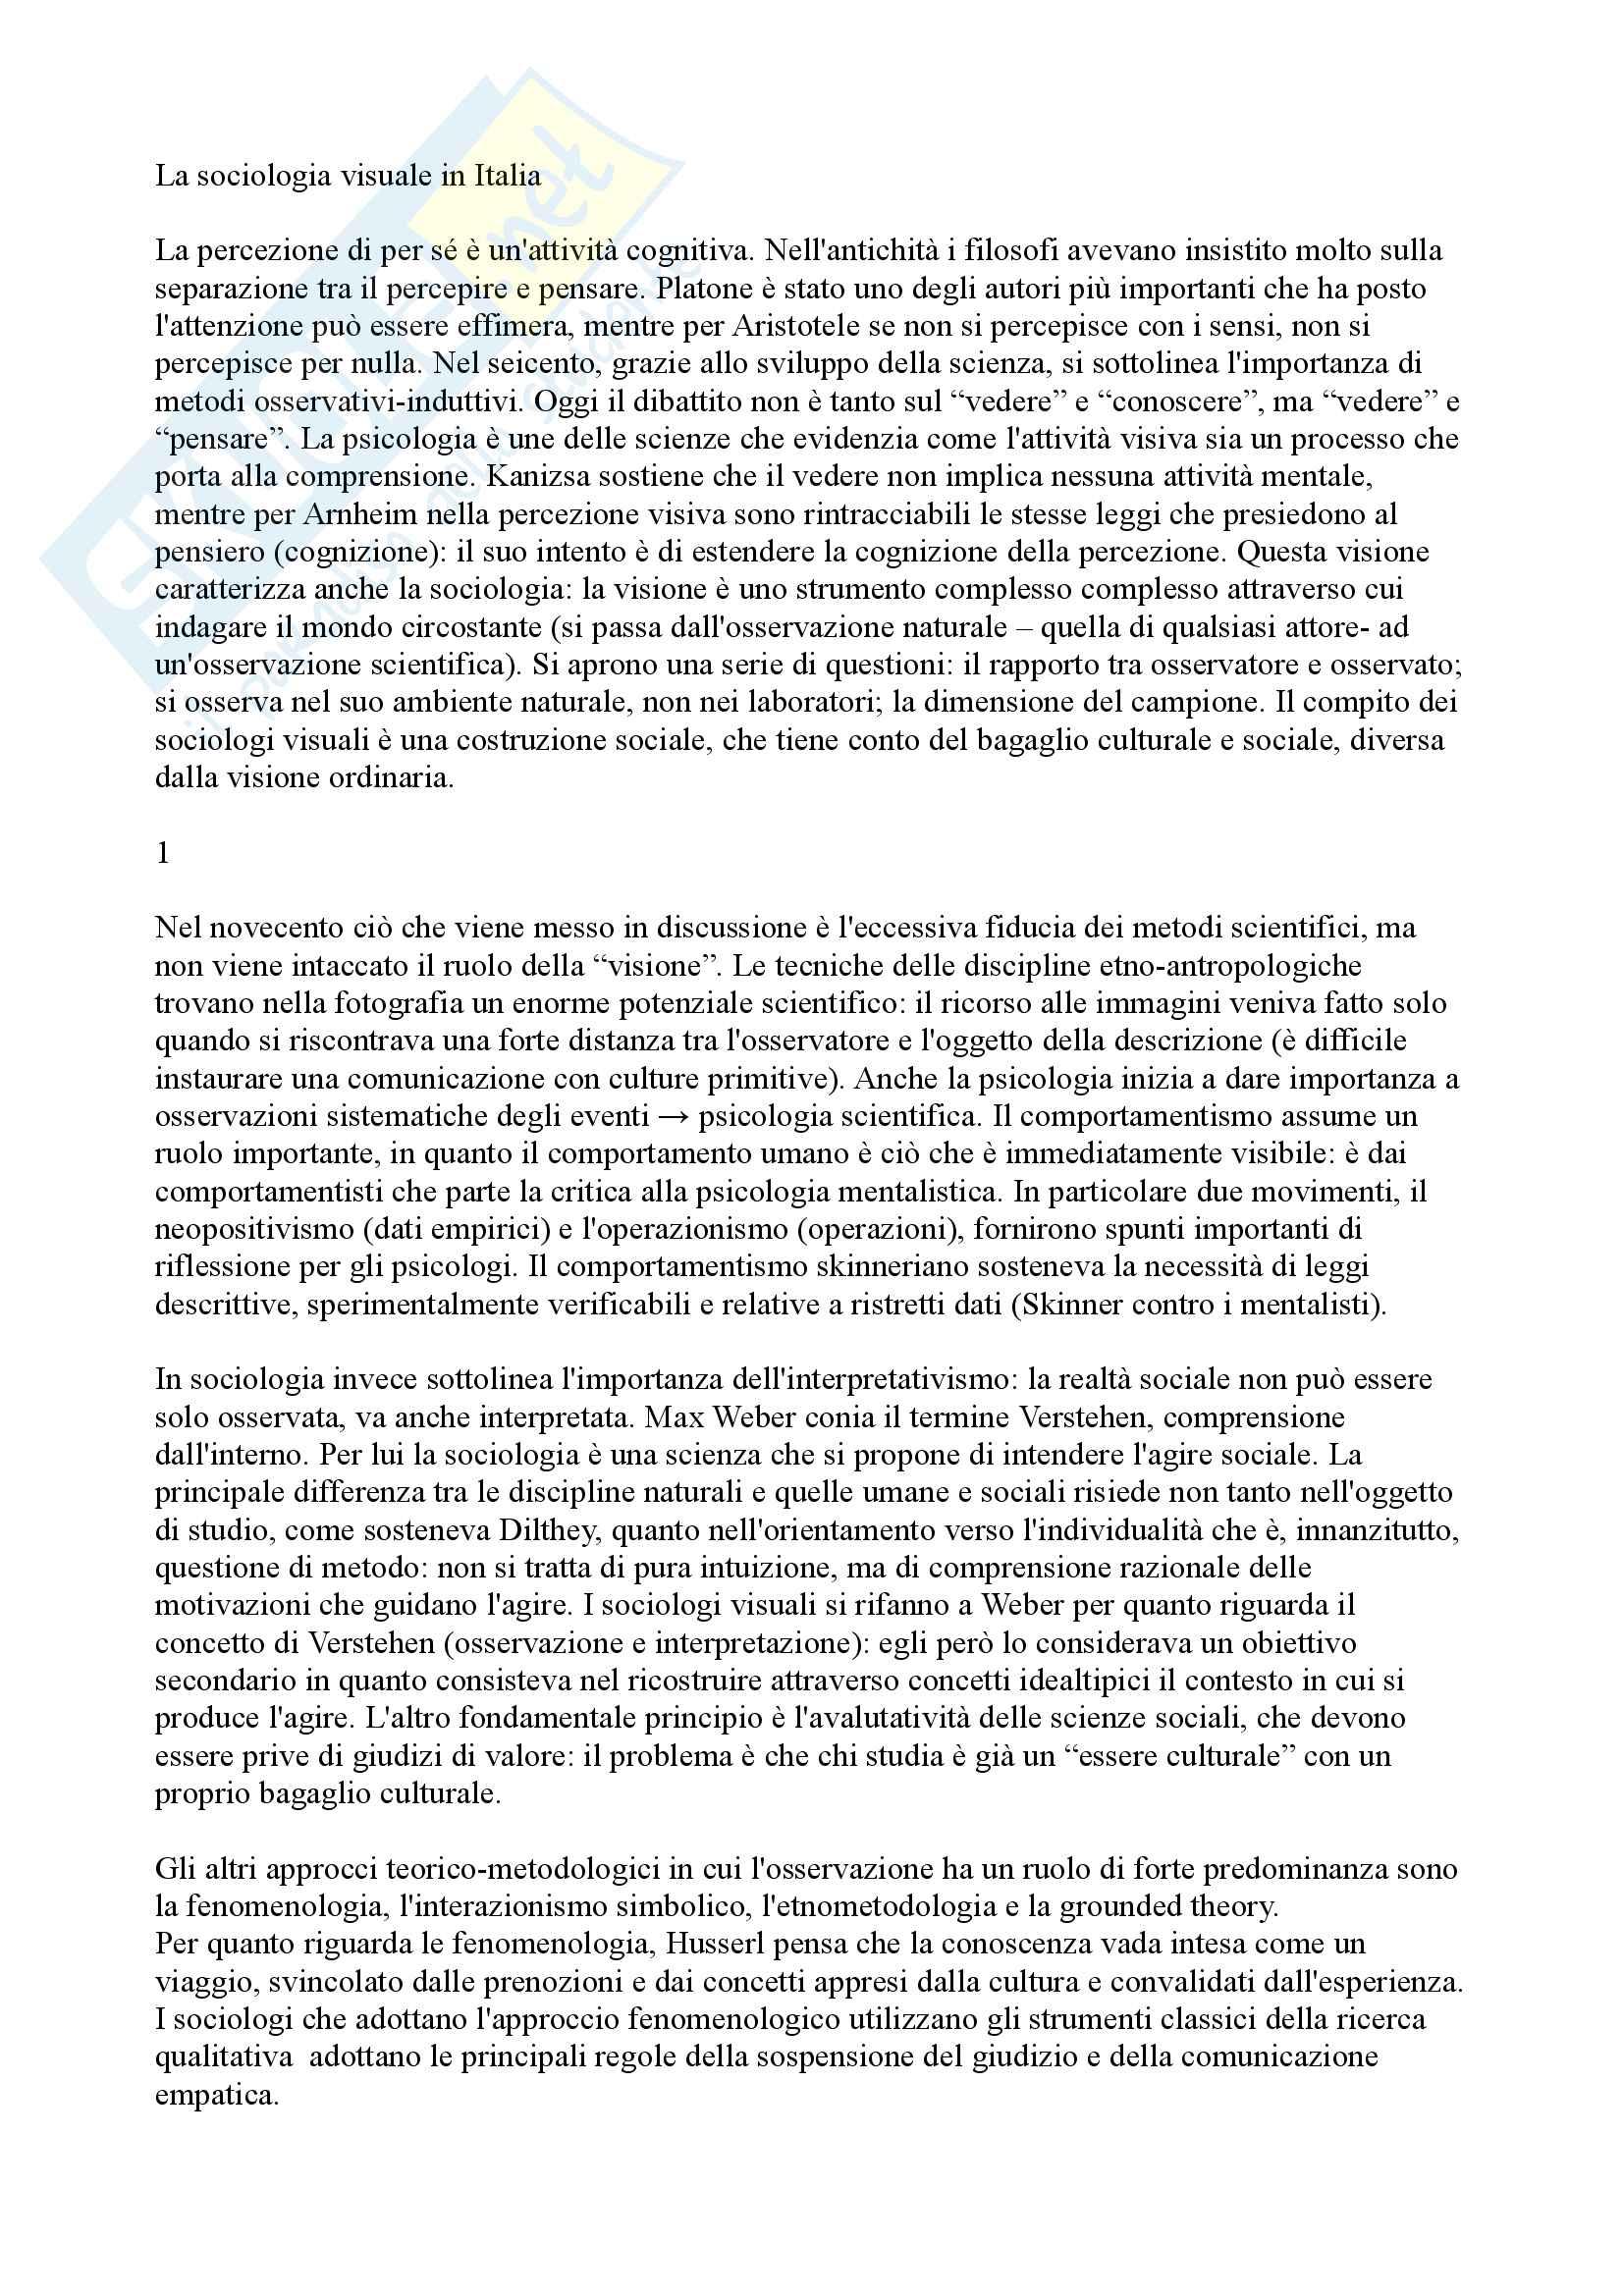 Riassunto esame ricerca sociale contemporanea, prof. Ciampi, libro consigliato La sociologia visuale in Italia. Vedere, osservare, analizzare, Ciampi